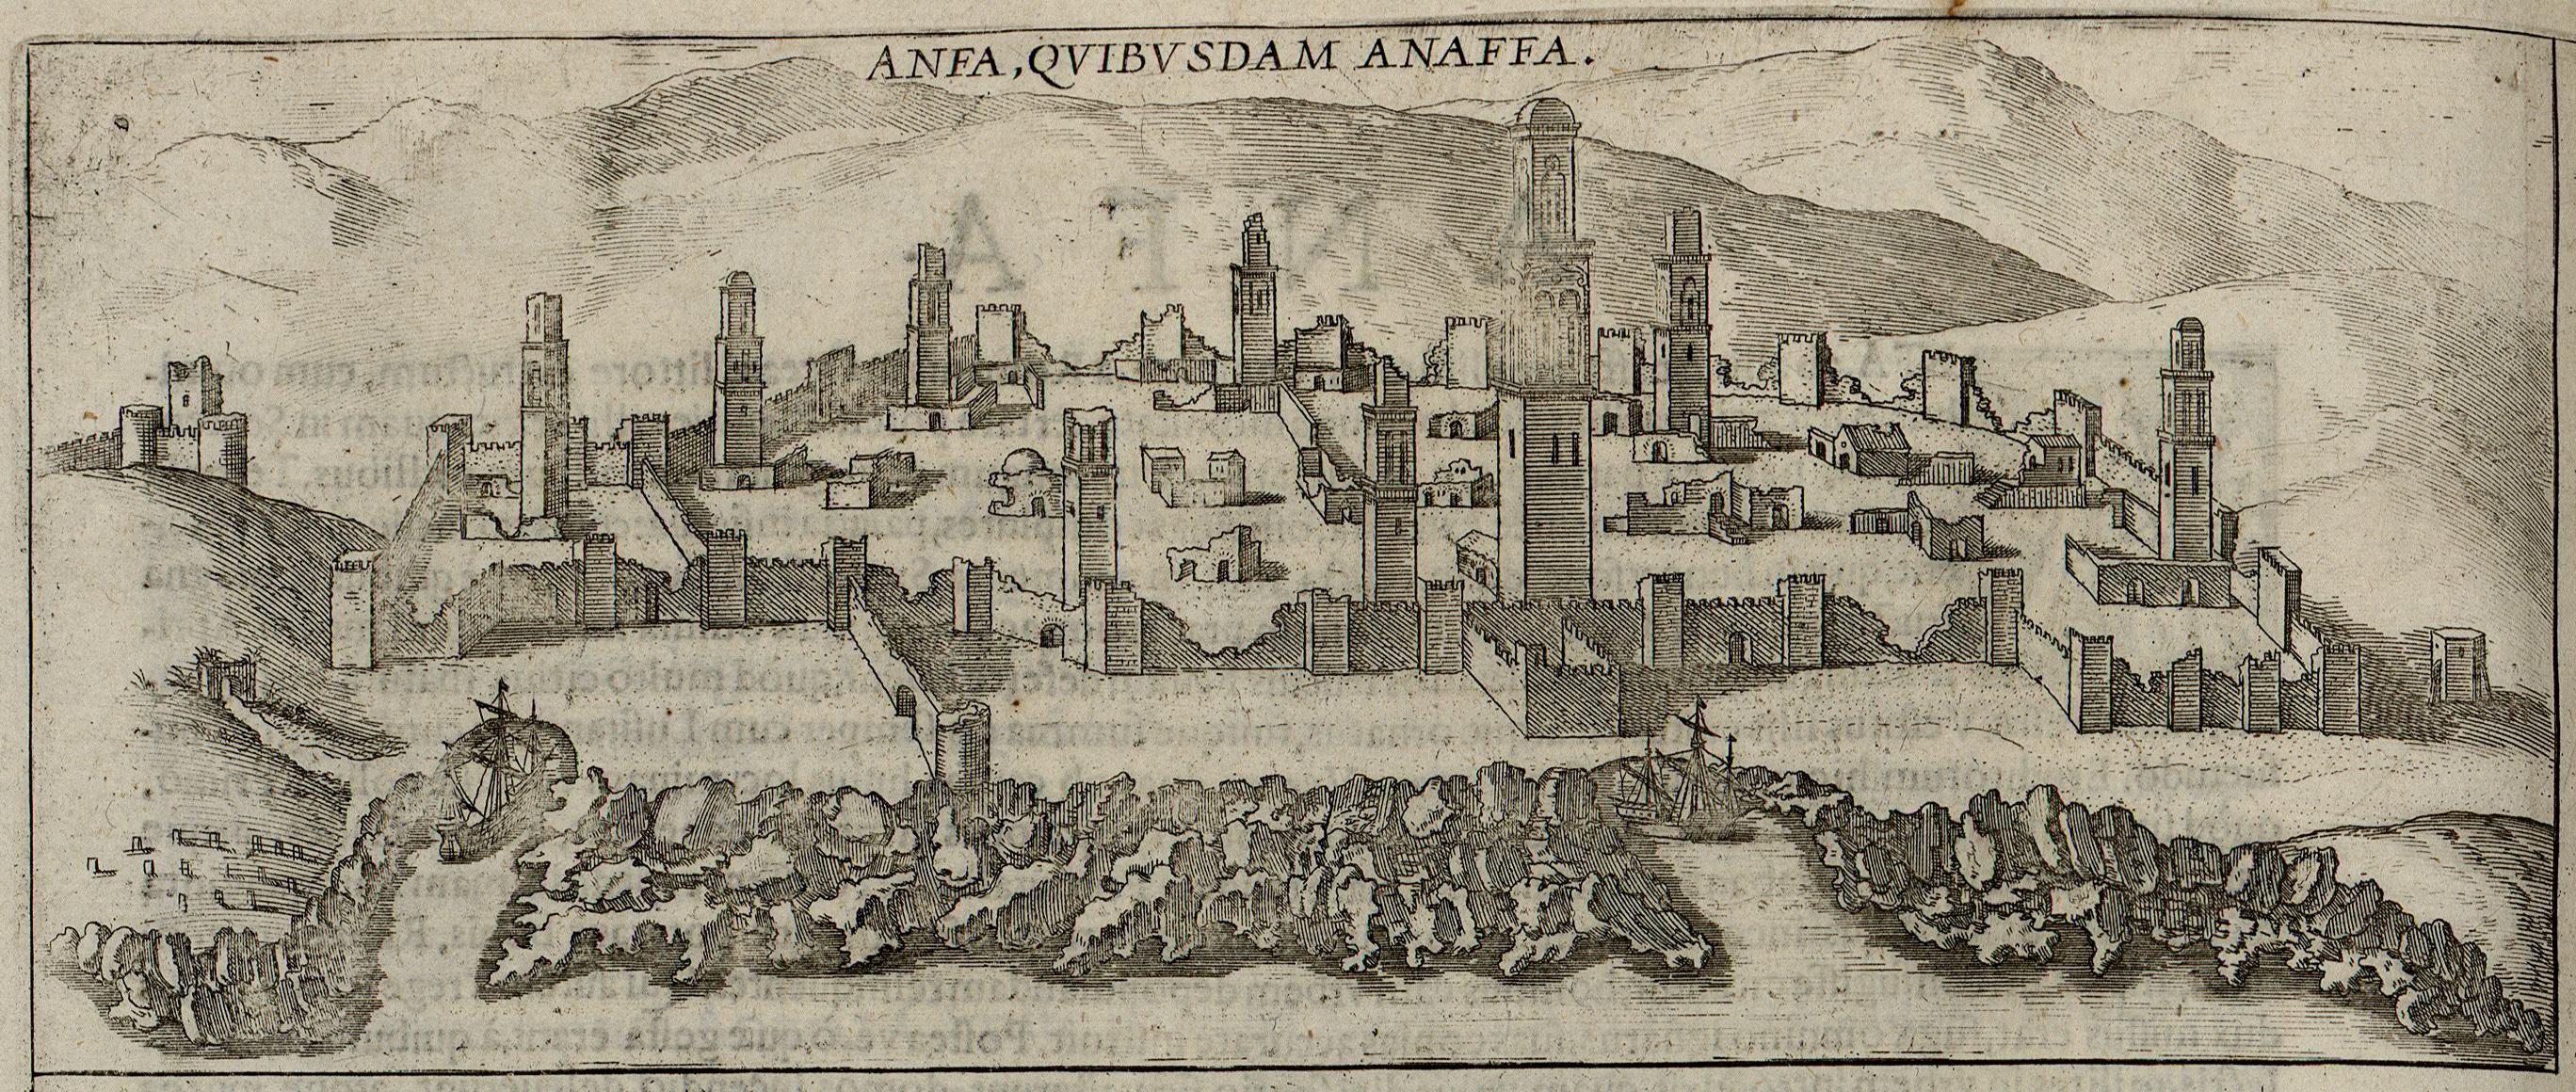 Anafé, 1572